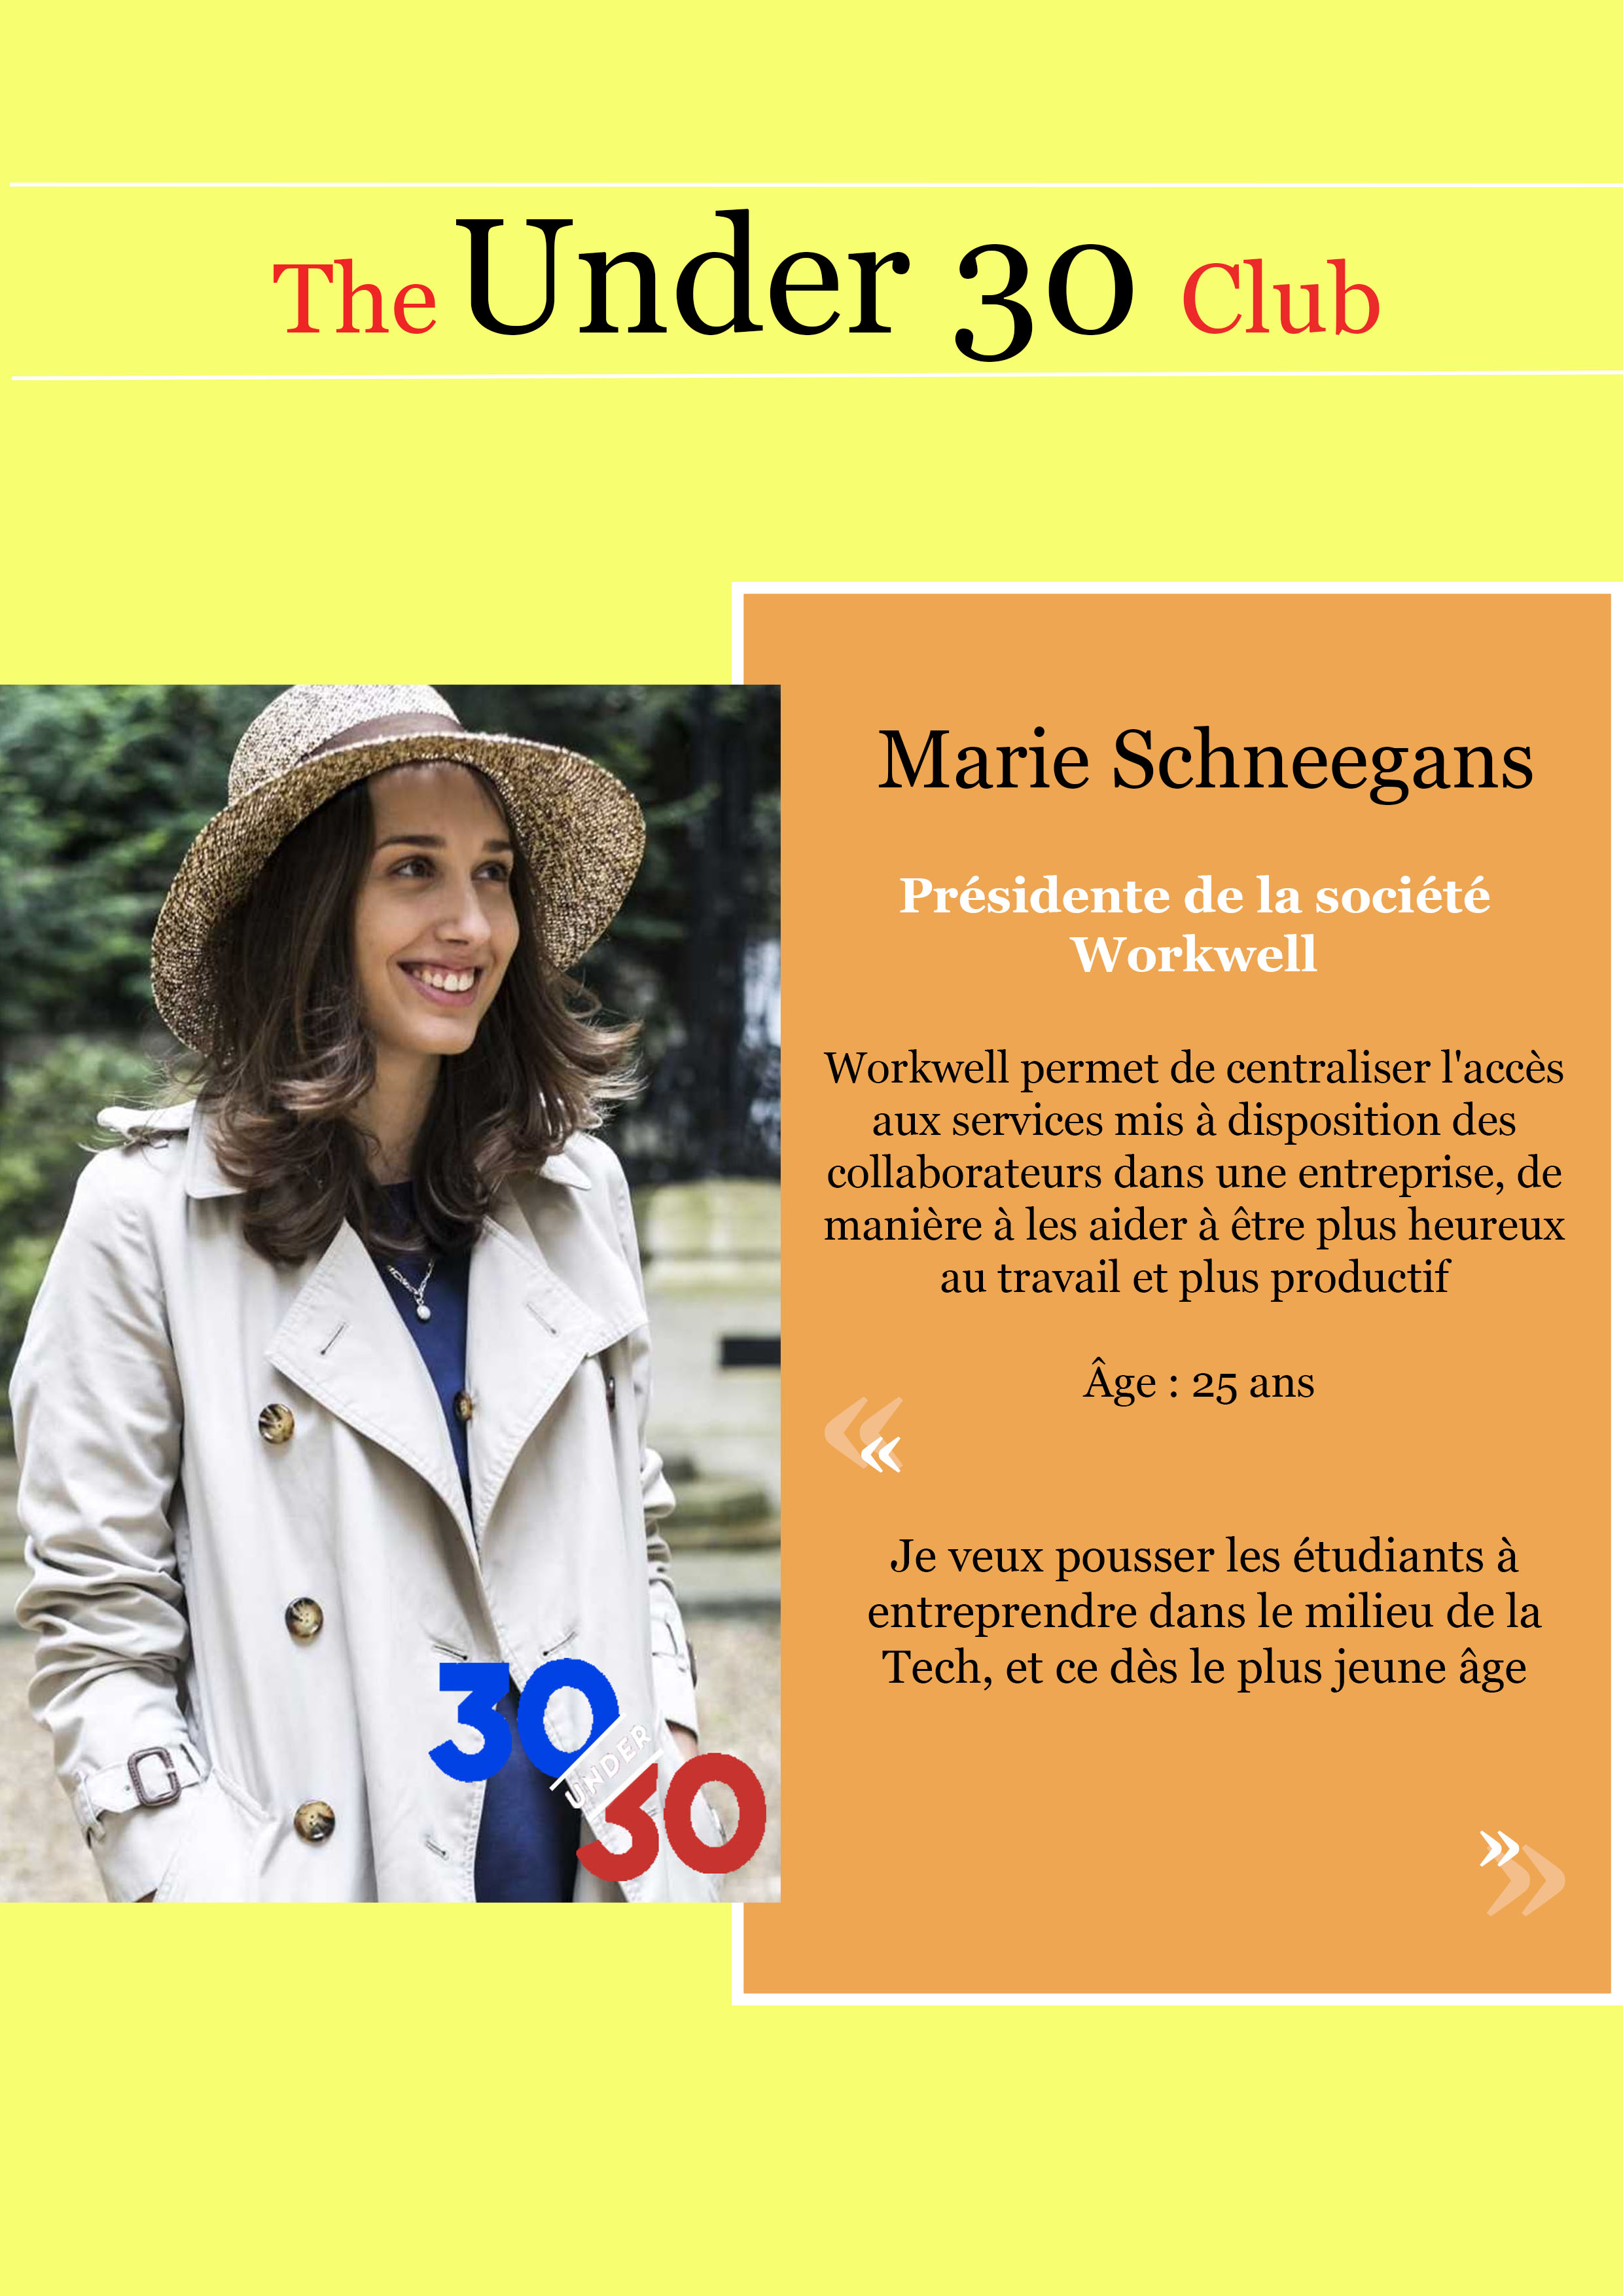 Marie Schneegans